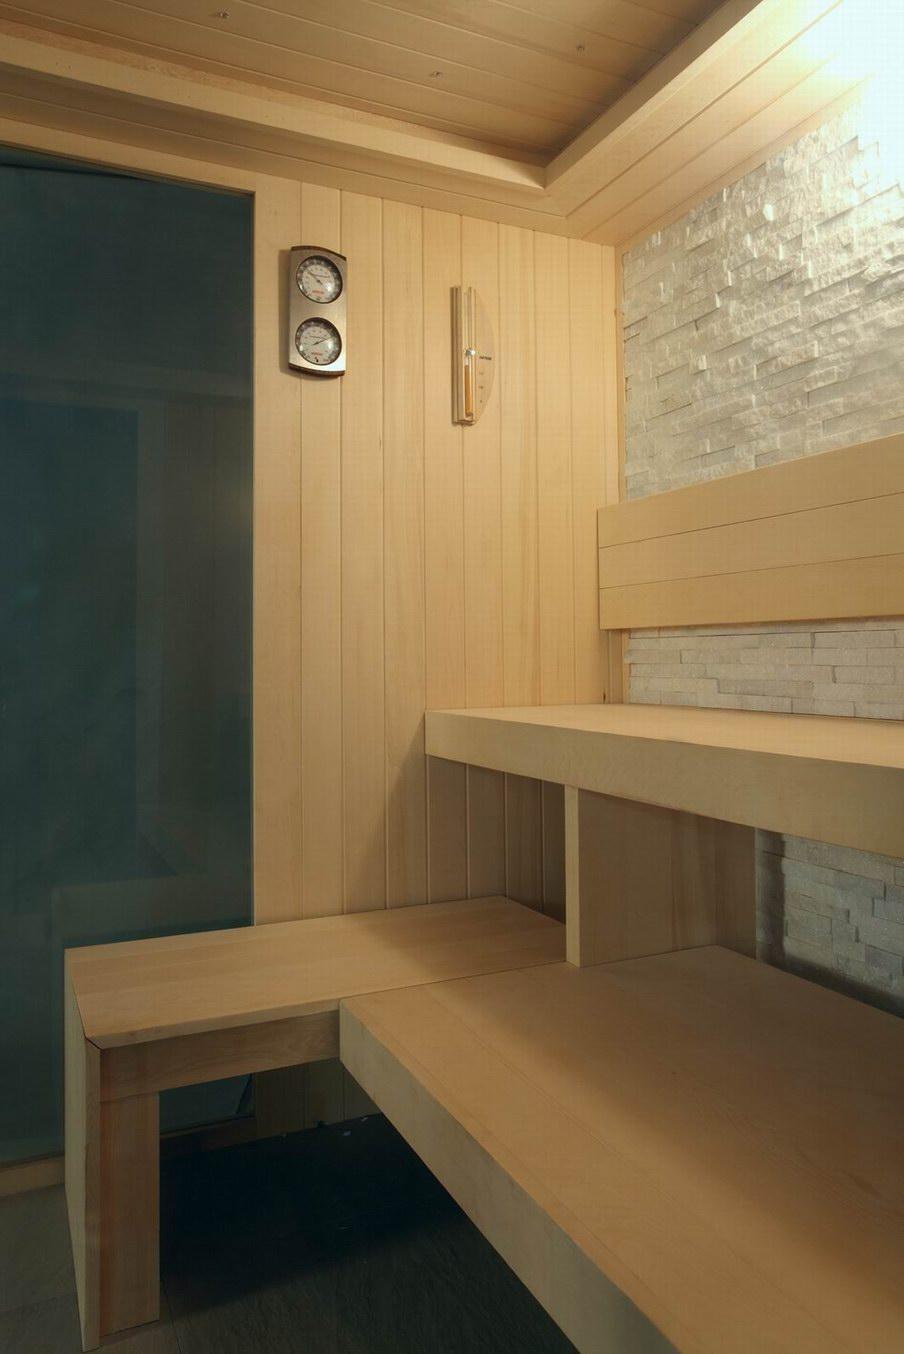 Hogar de vapor sauna con ducha cabina fs 1404 para moderna - Cabina ducha sauna ...